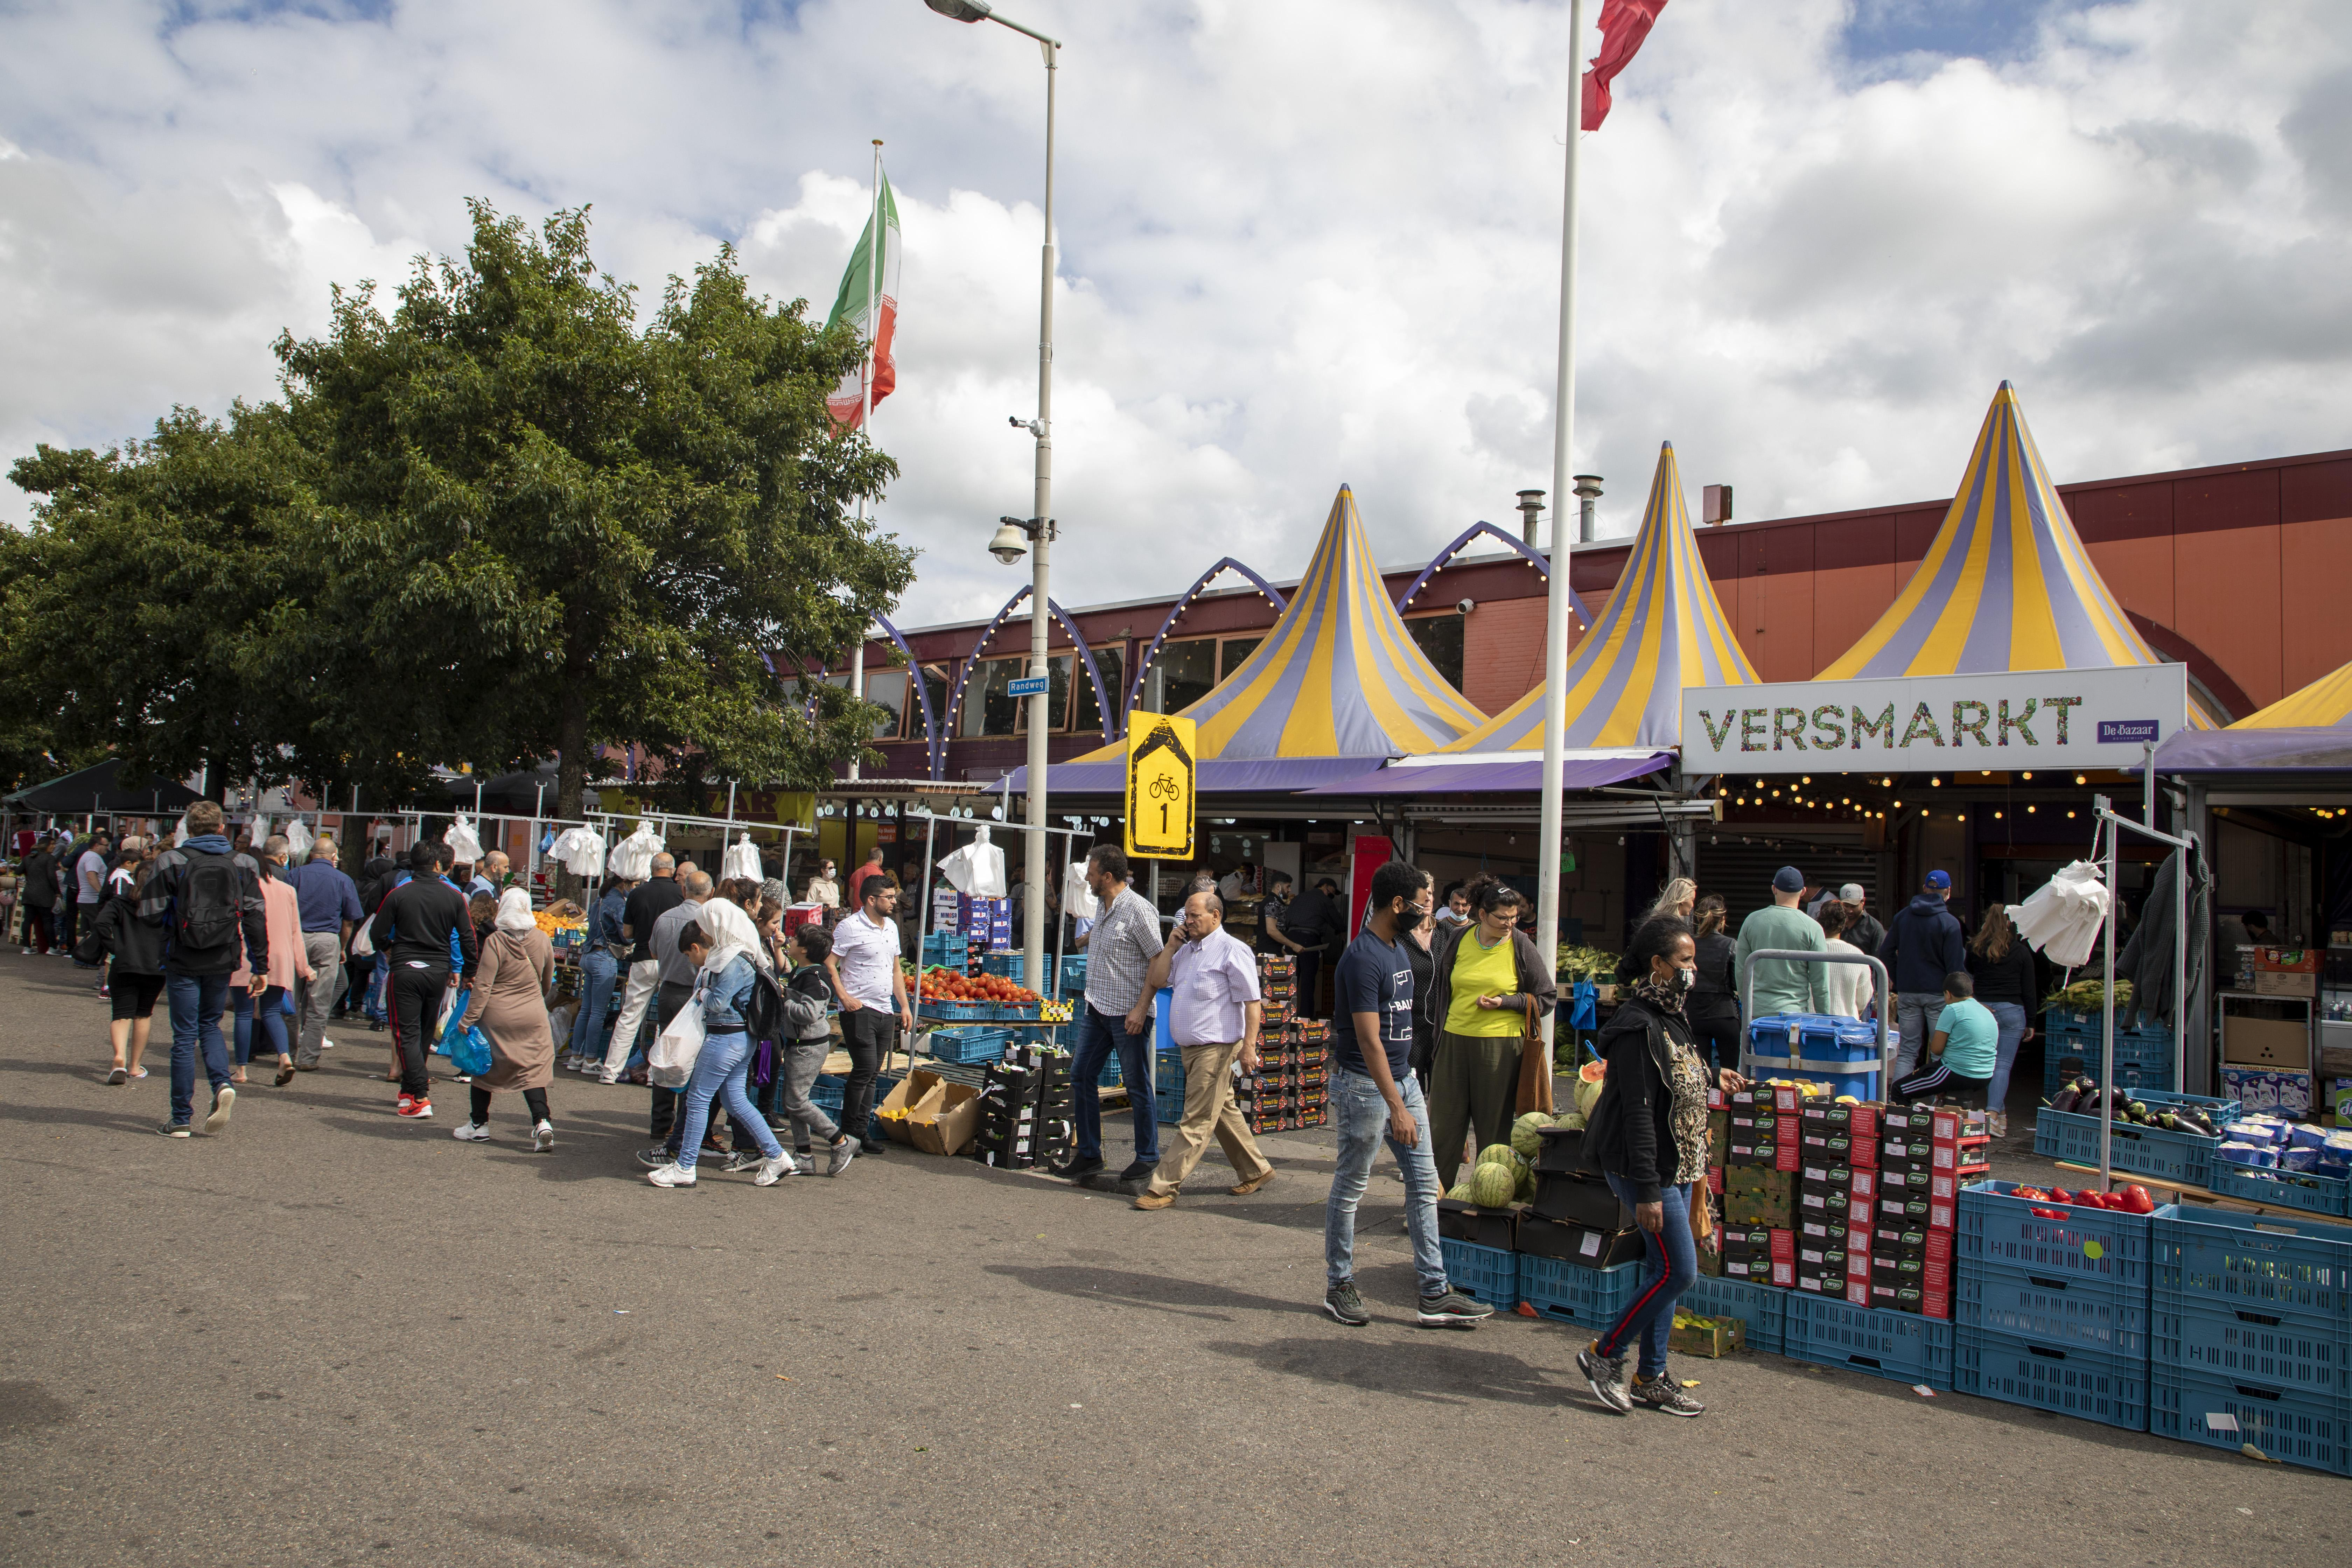 Extra 'ogen' op De Bazaar in Beverwijk: om toeloop van bezoekers beter in de gaten te houden